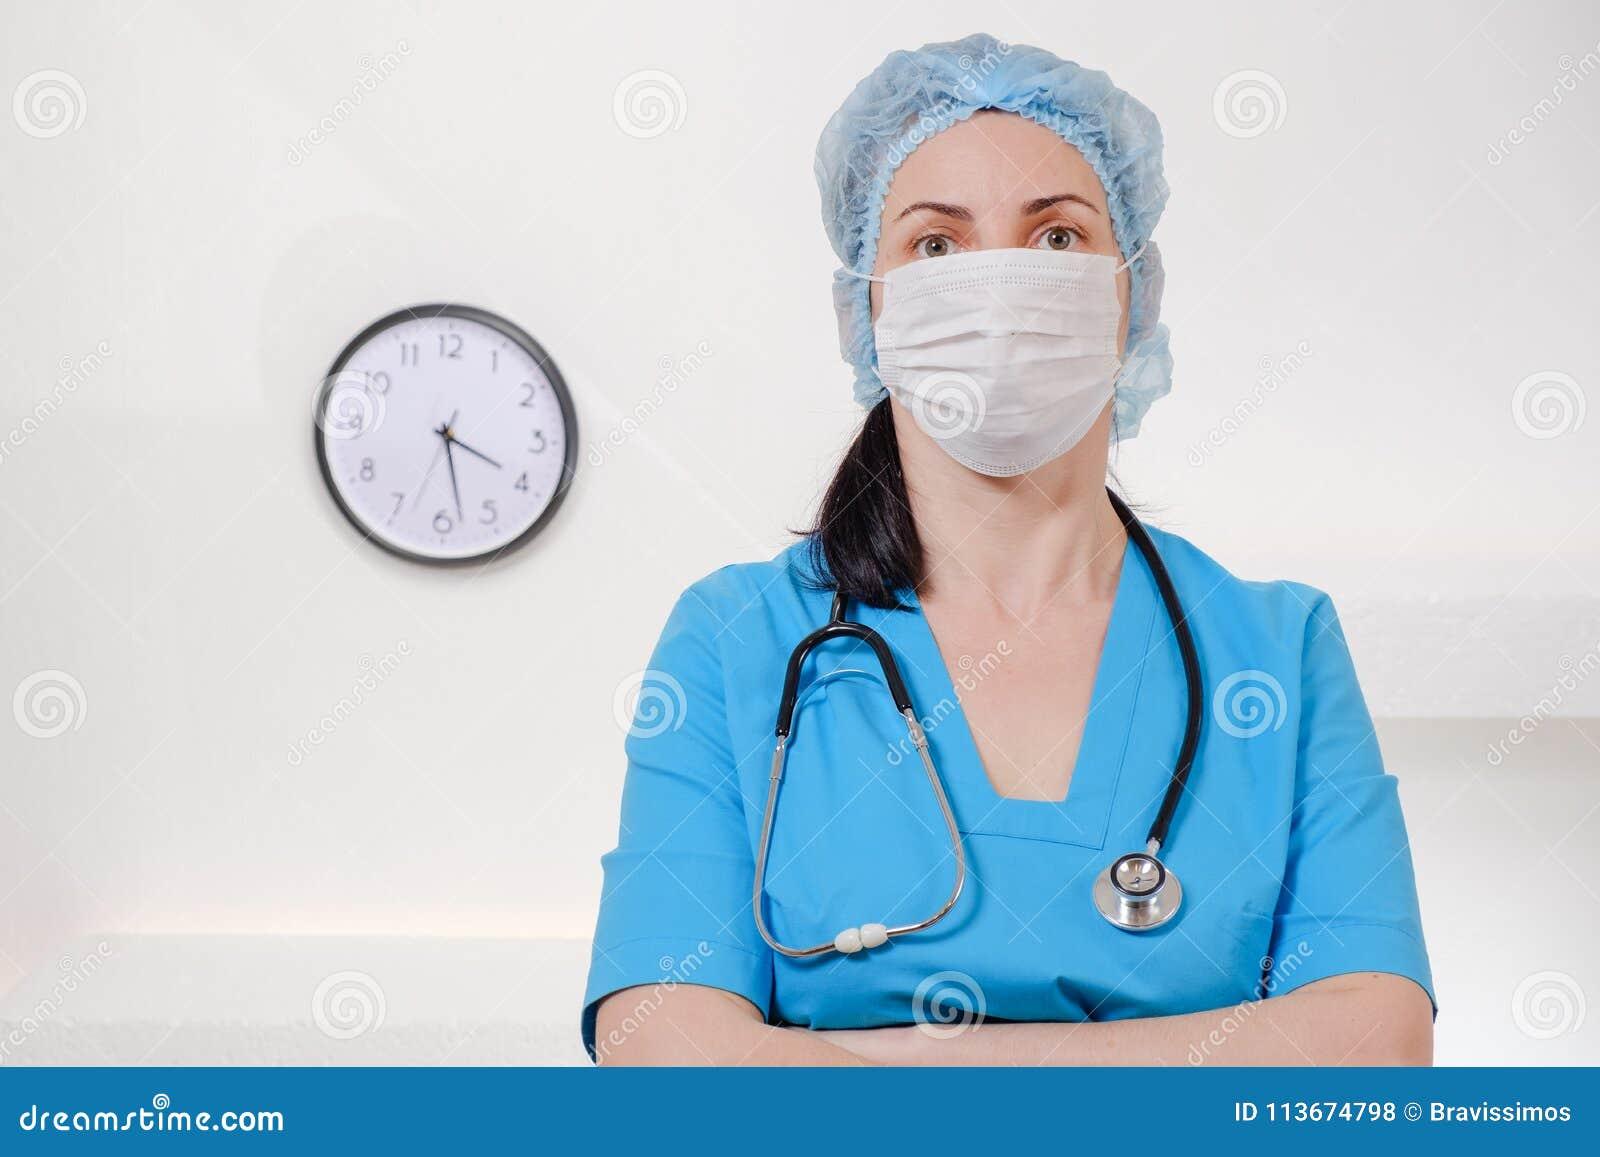 medical surgical nursing mask